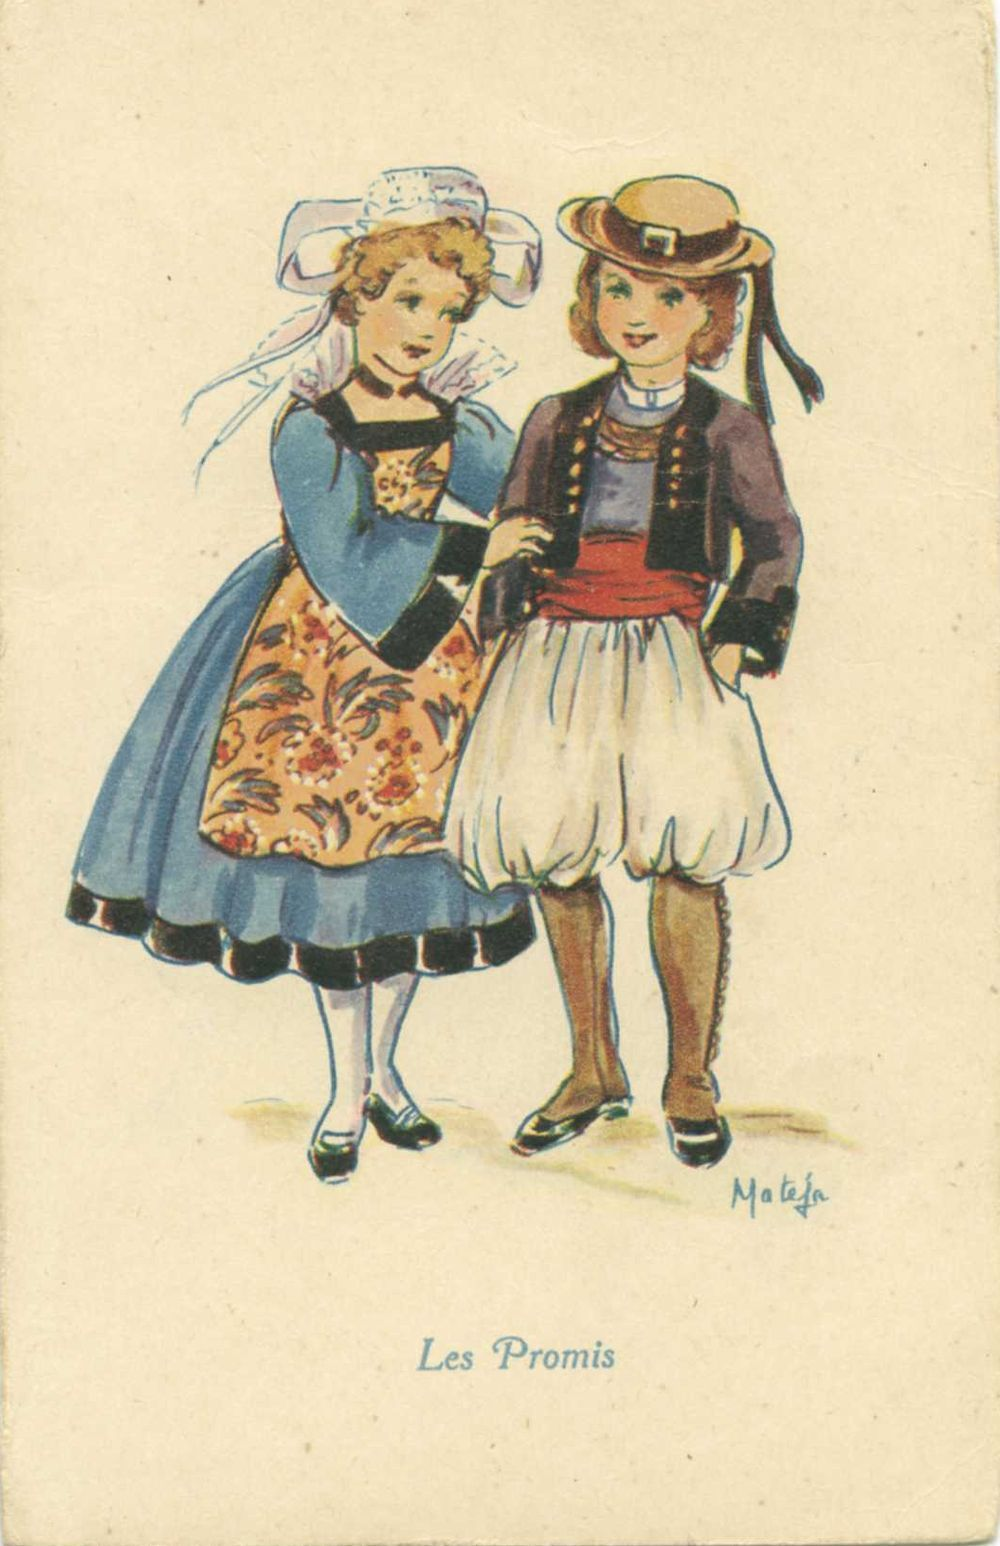 Repr sentation d un jeune couple breton par mat j les costumes ici dessin s sont fantaisistes - Dessiner un ruban ...